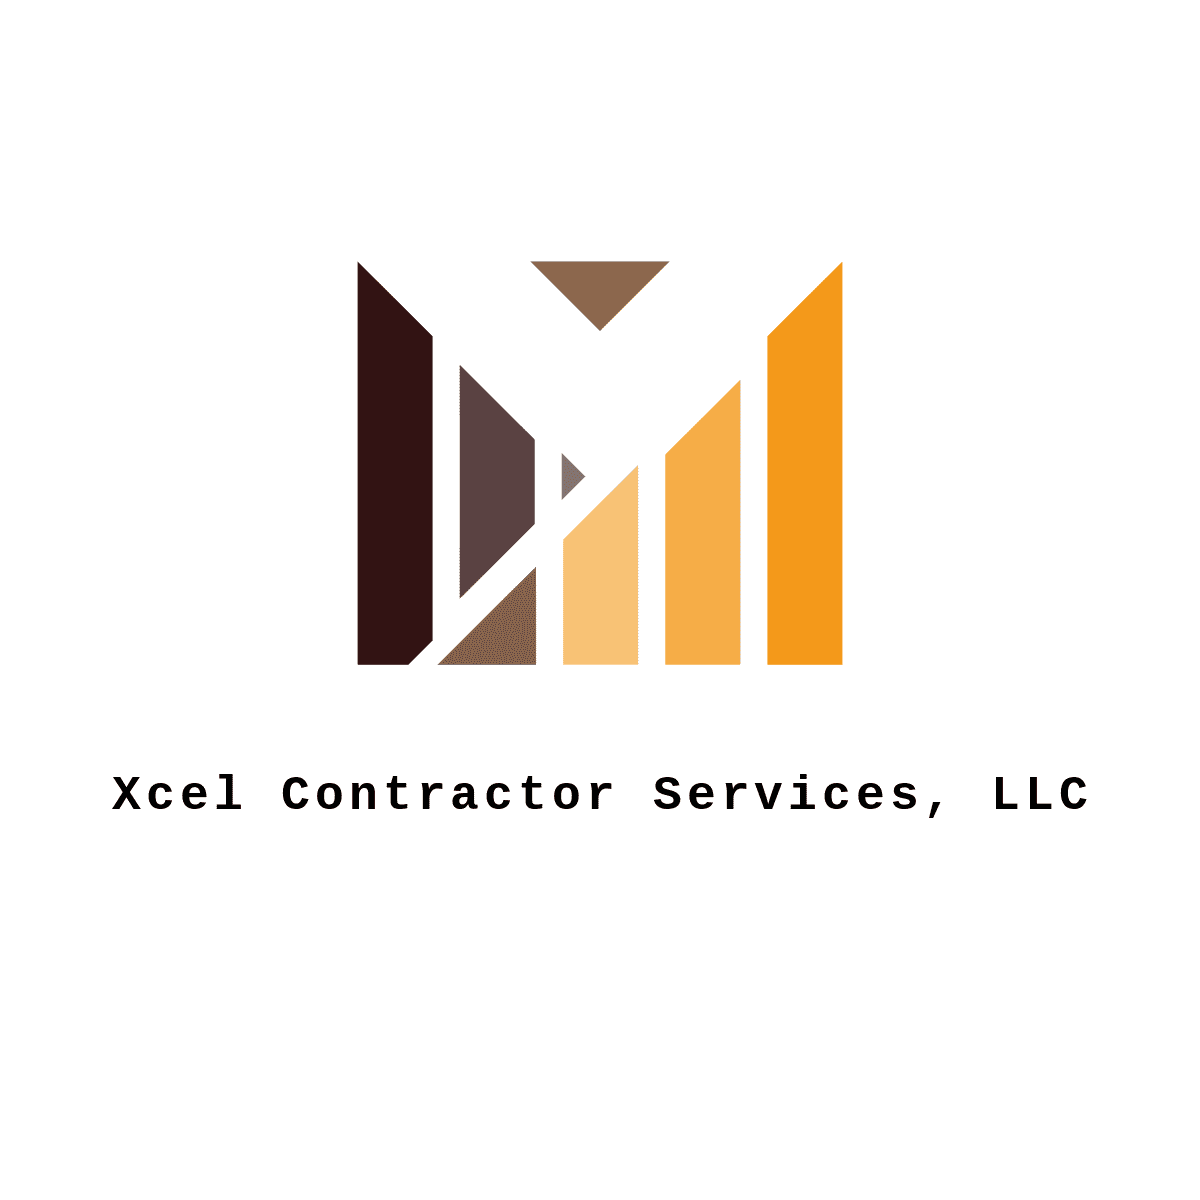 Xcel Contractor Services, LLC